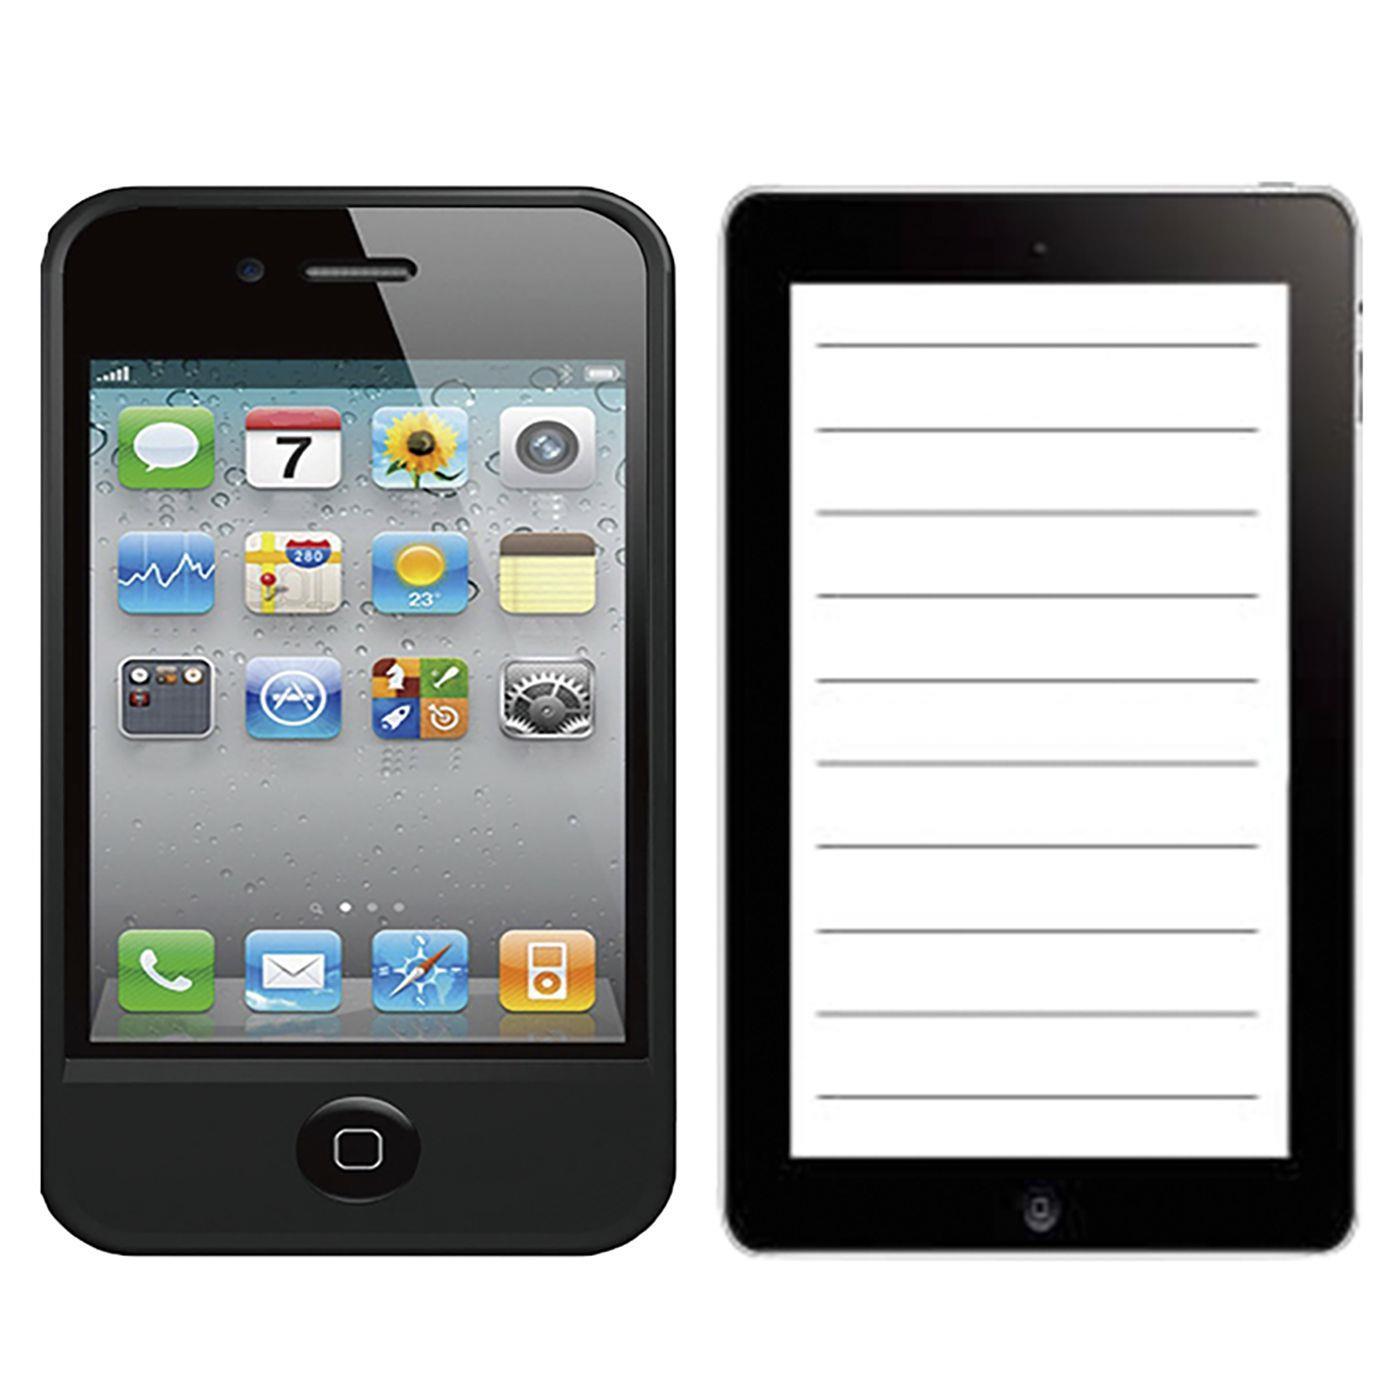 ΜΠΛΟΚ SMARTPHONE 10.5x7.5cm